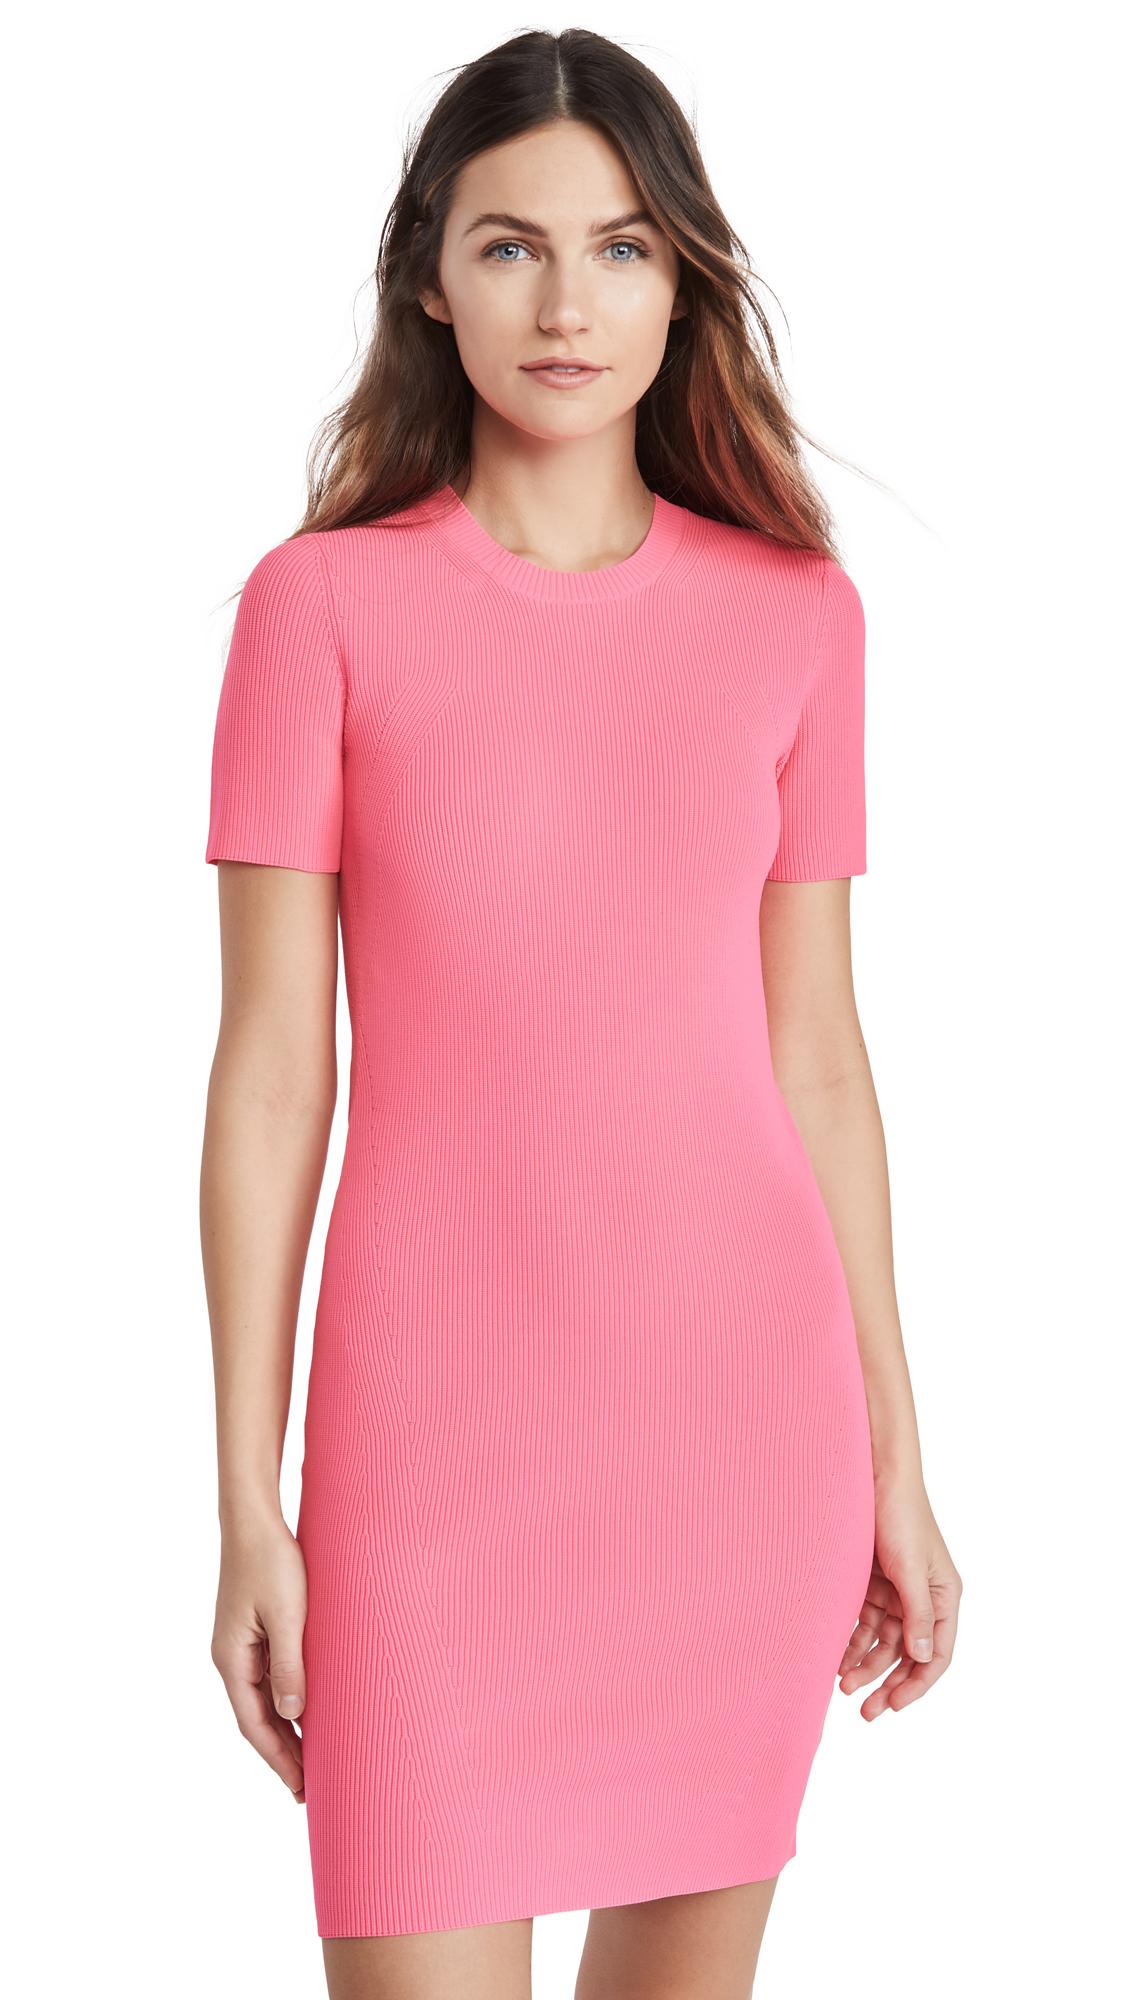 Helmut Lang Mini Dress – 30% Off Sale